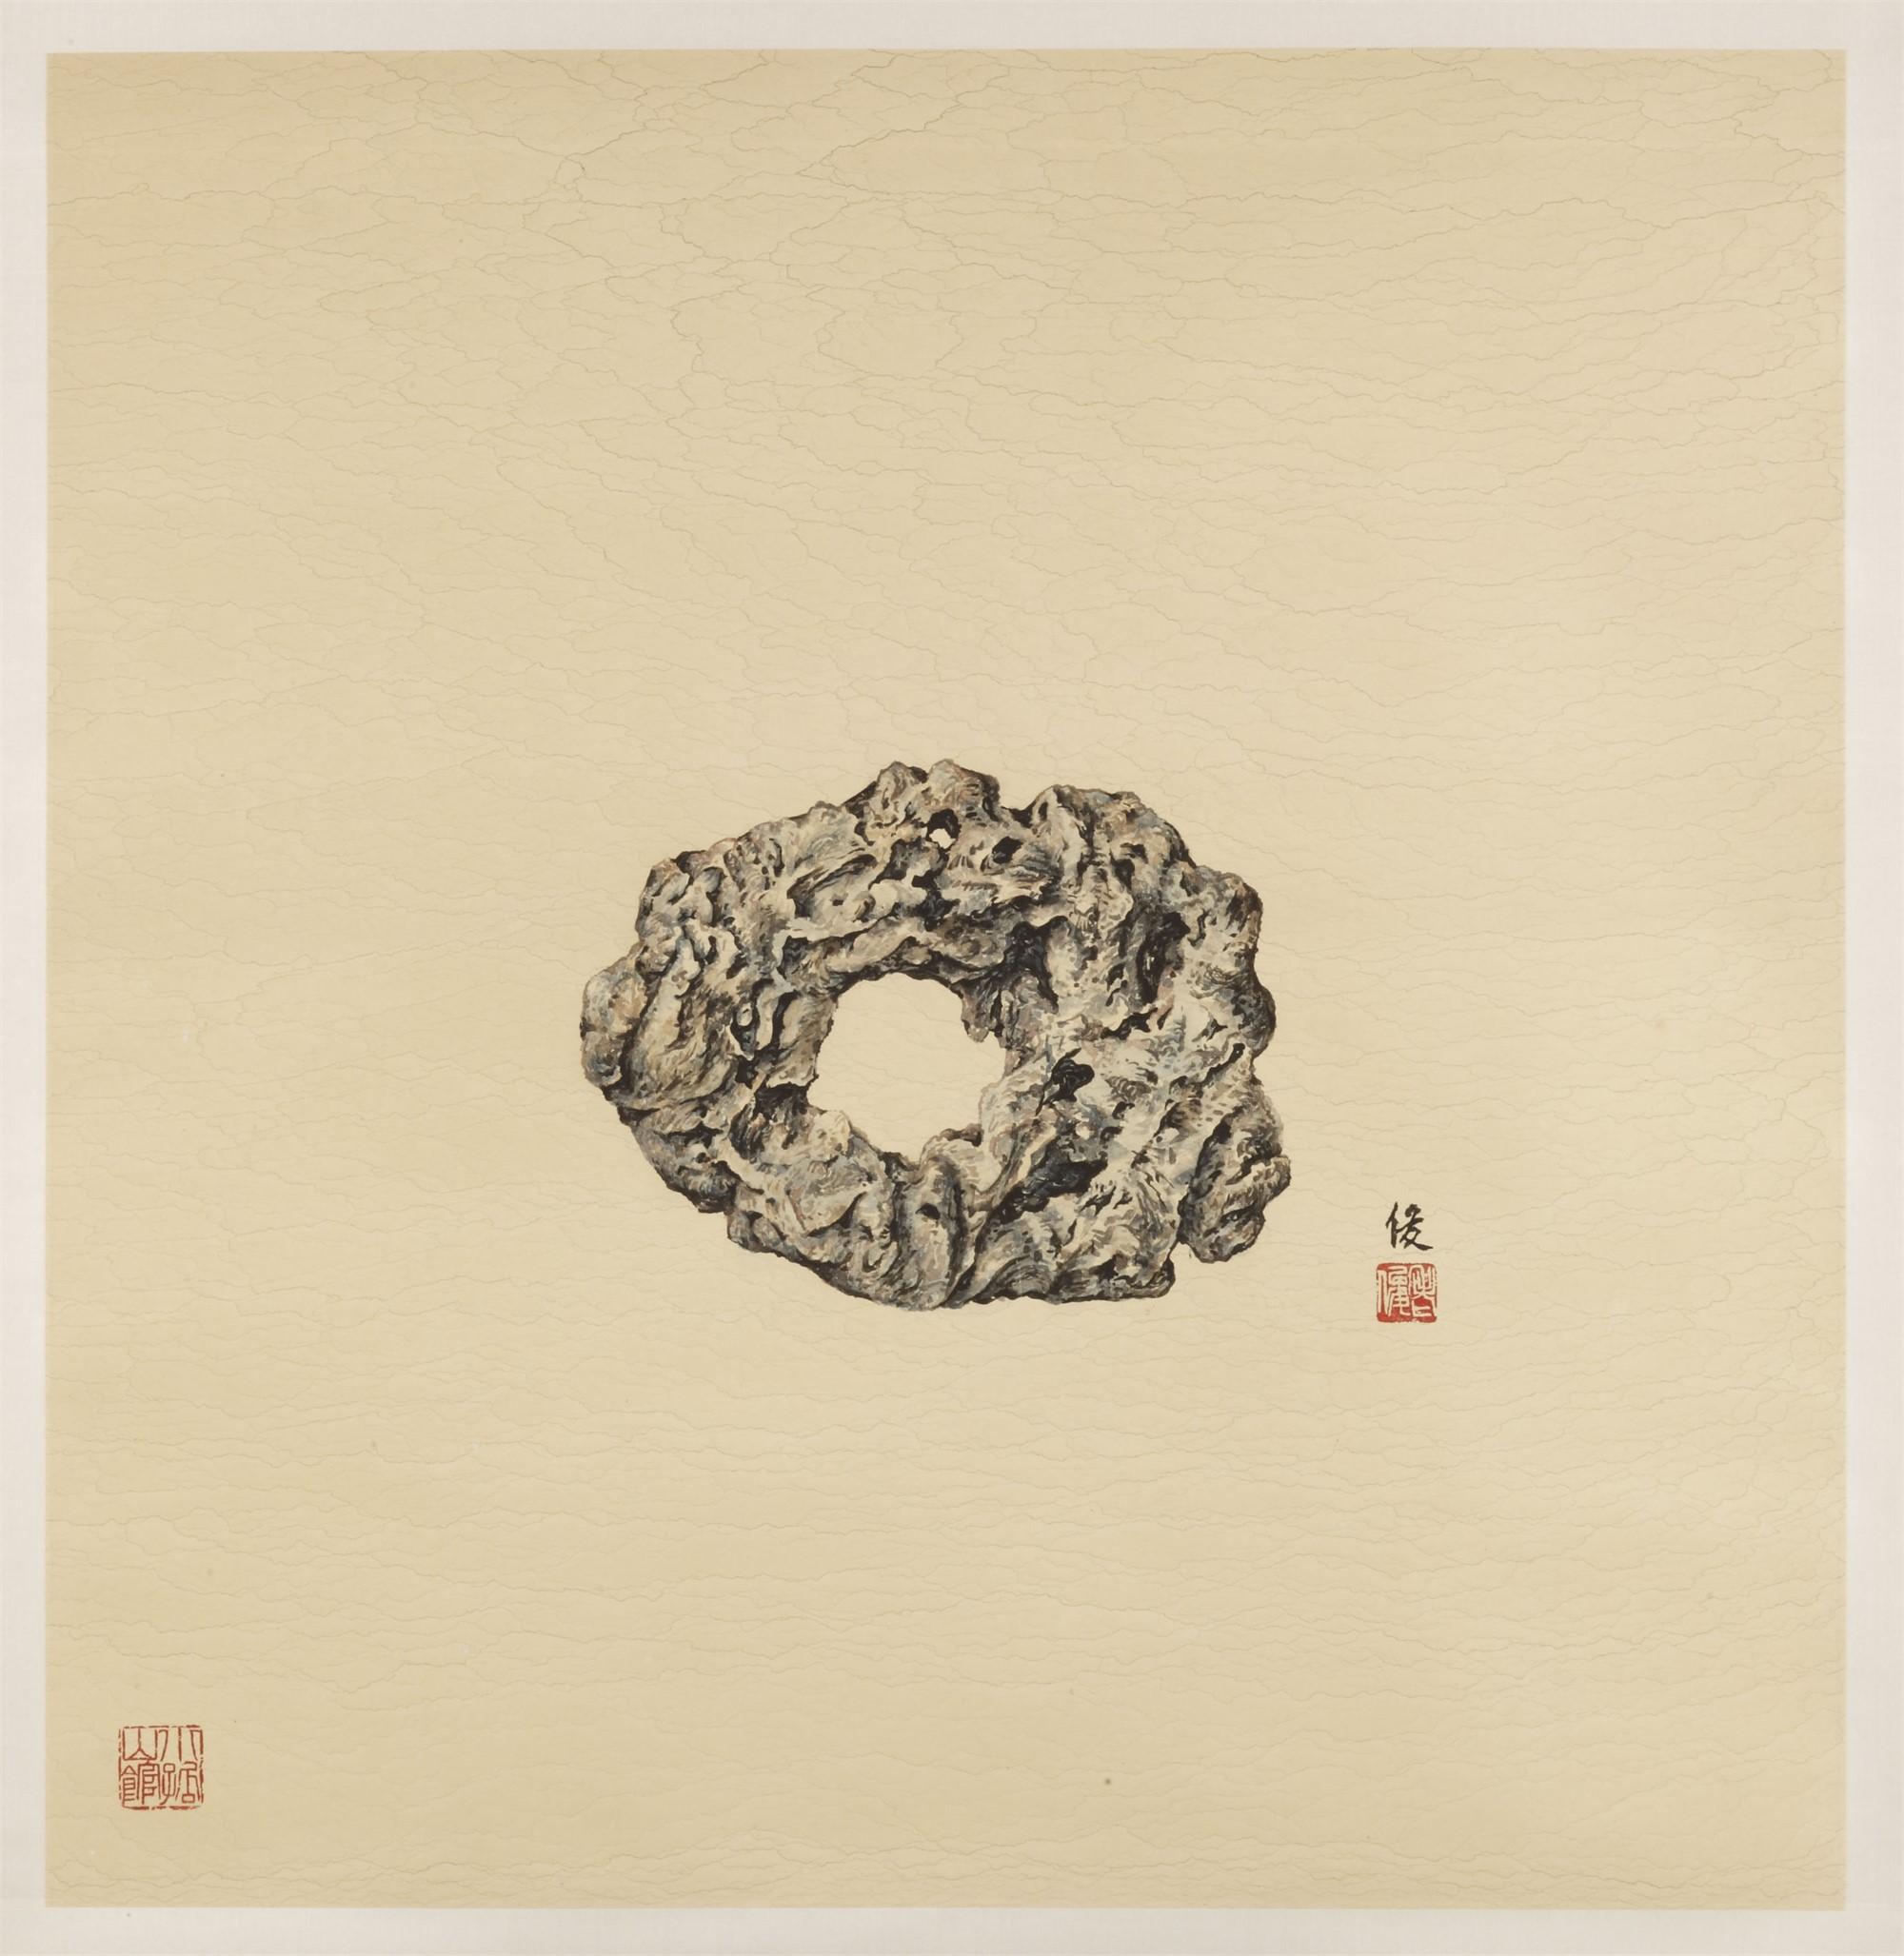 SCHOLAR'S ROCK by Xiaojun Zeng